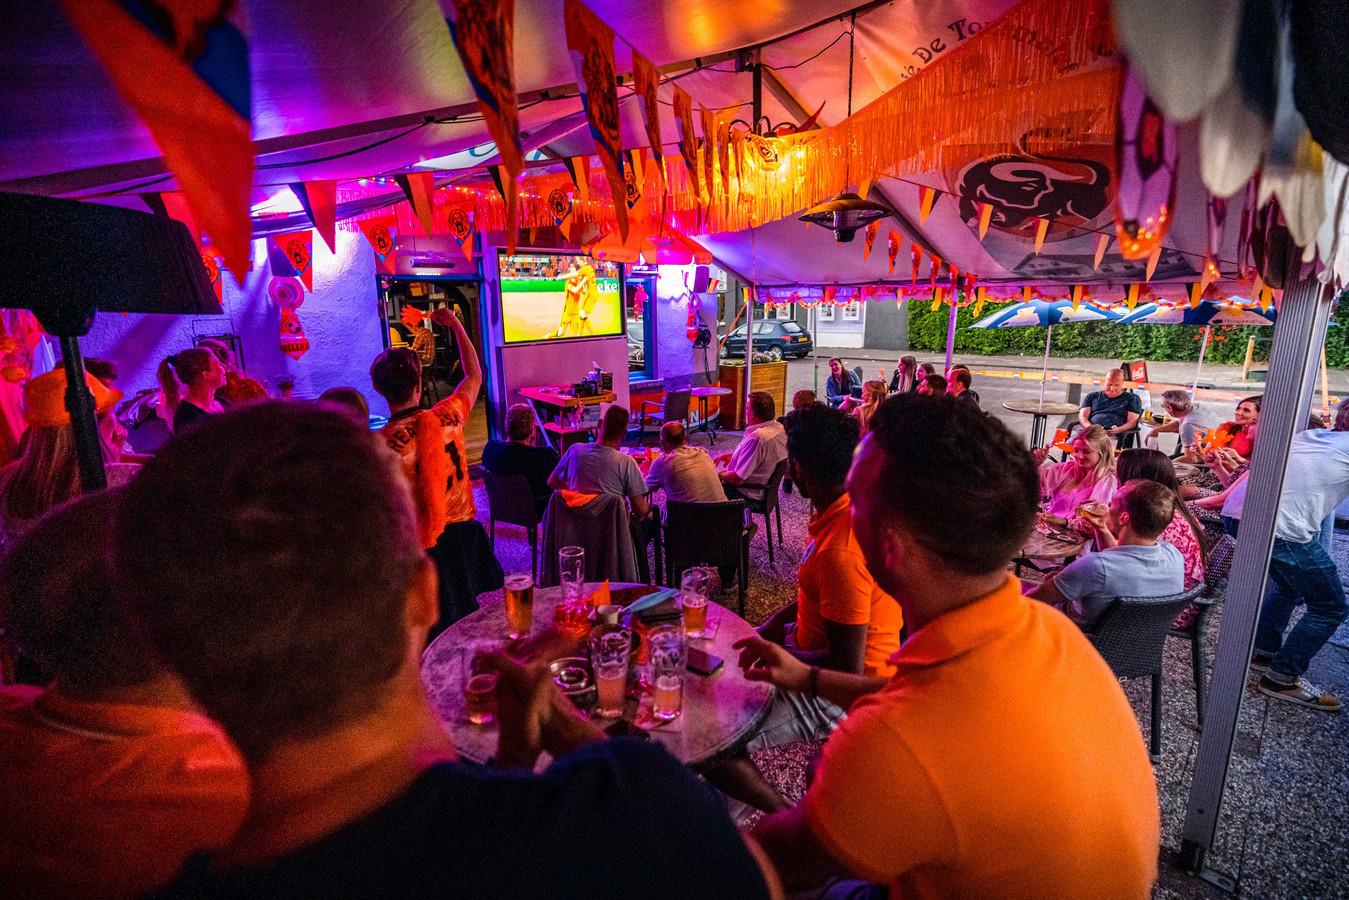 Voetbalsupporters volgen op een scherm het EK-duel tussen Nederland en Oekraïne in een café in België. In het buurland mag een flinke groep op grote schermen het EK bekijken.